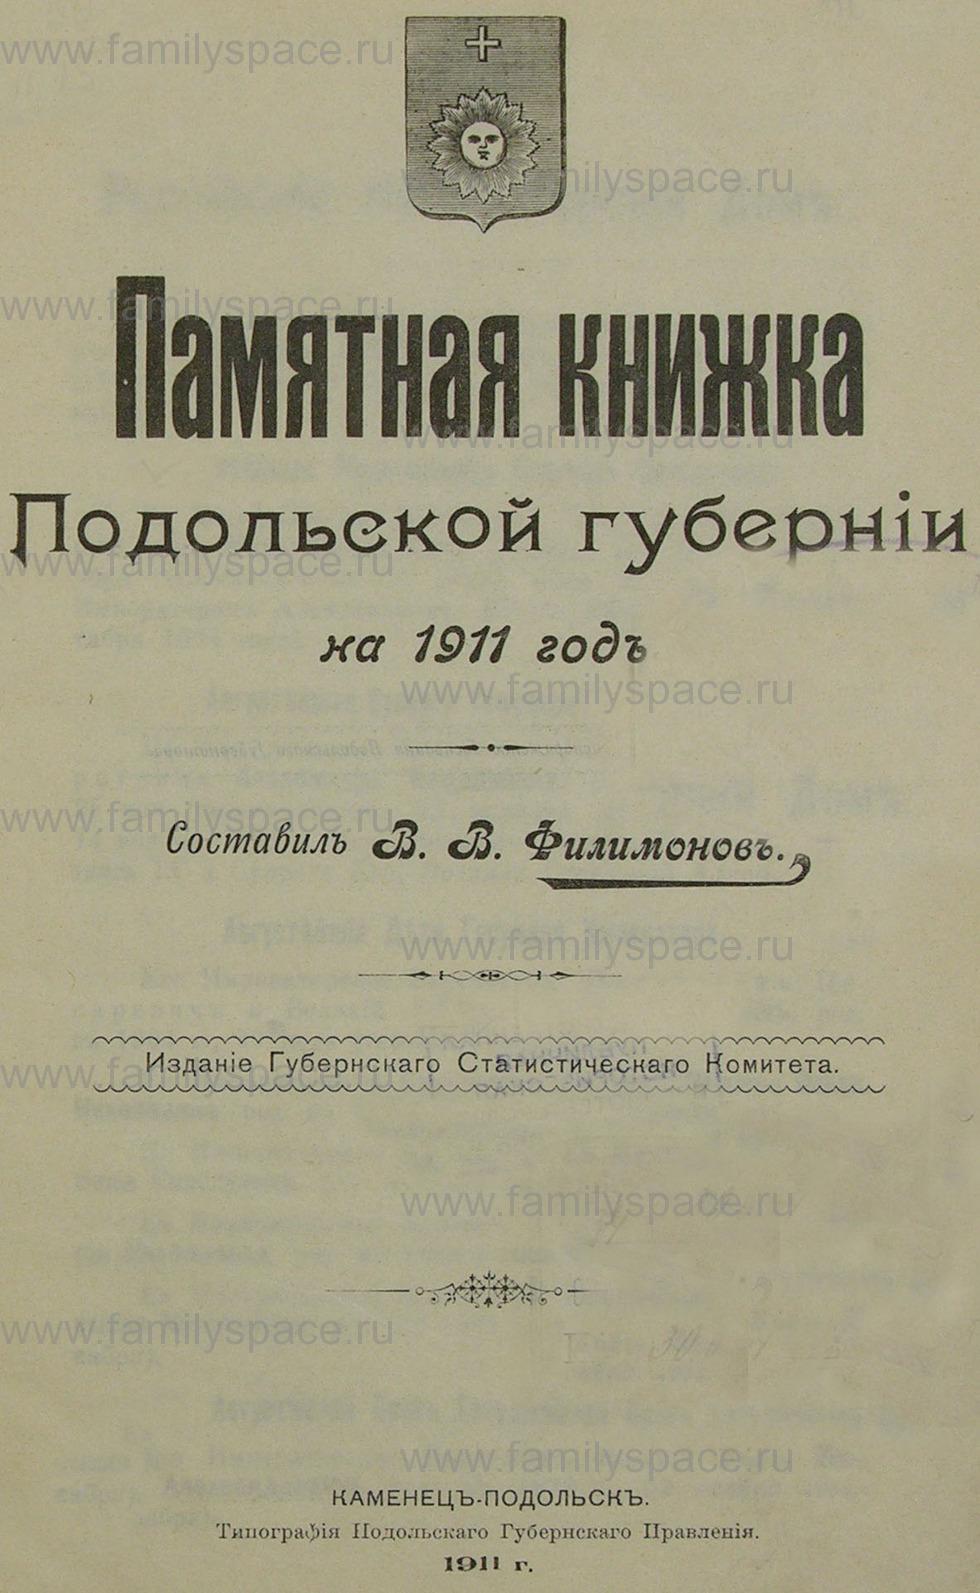 Поиск по фамилии - Памятная книжка Подольской губернии на 1911 год, страница 1